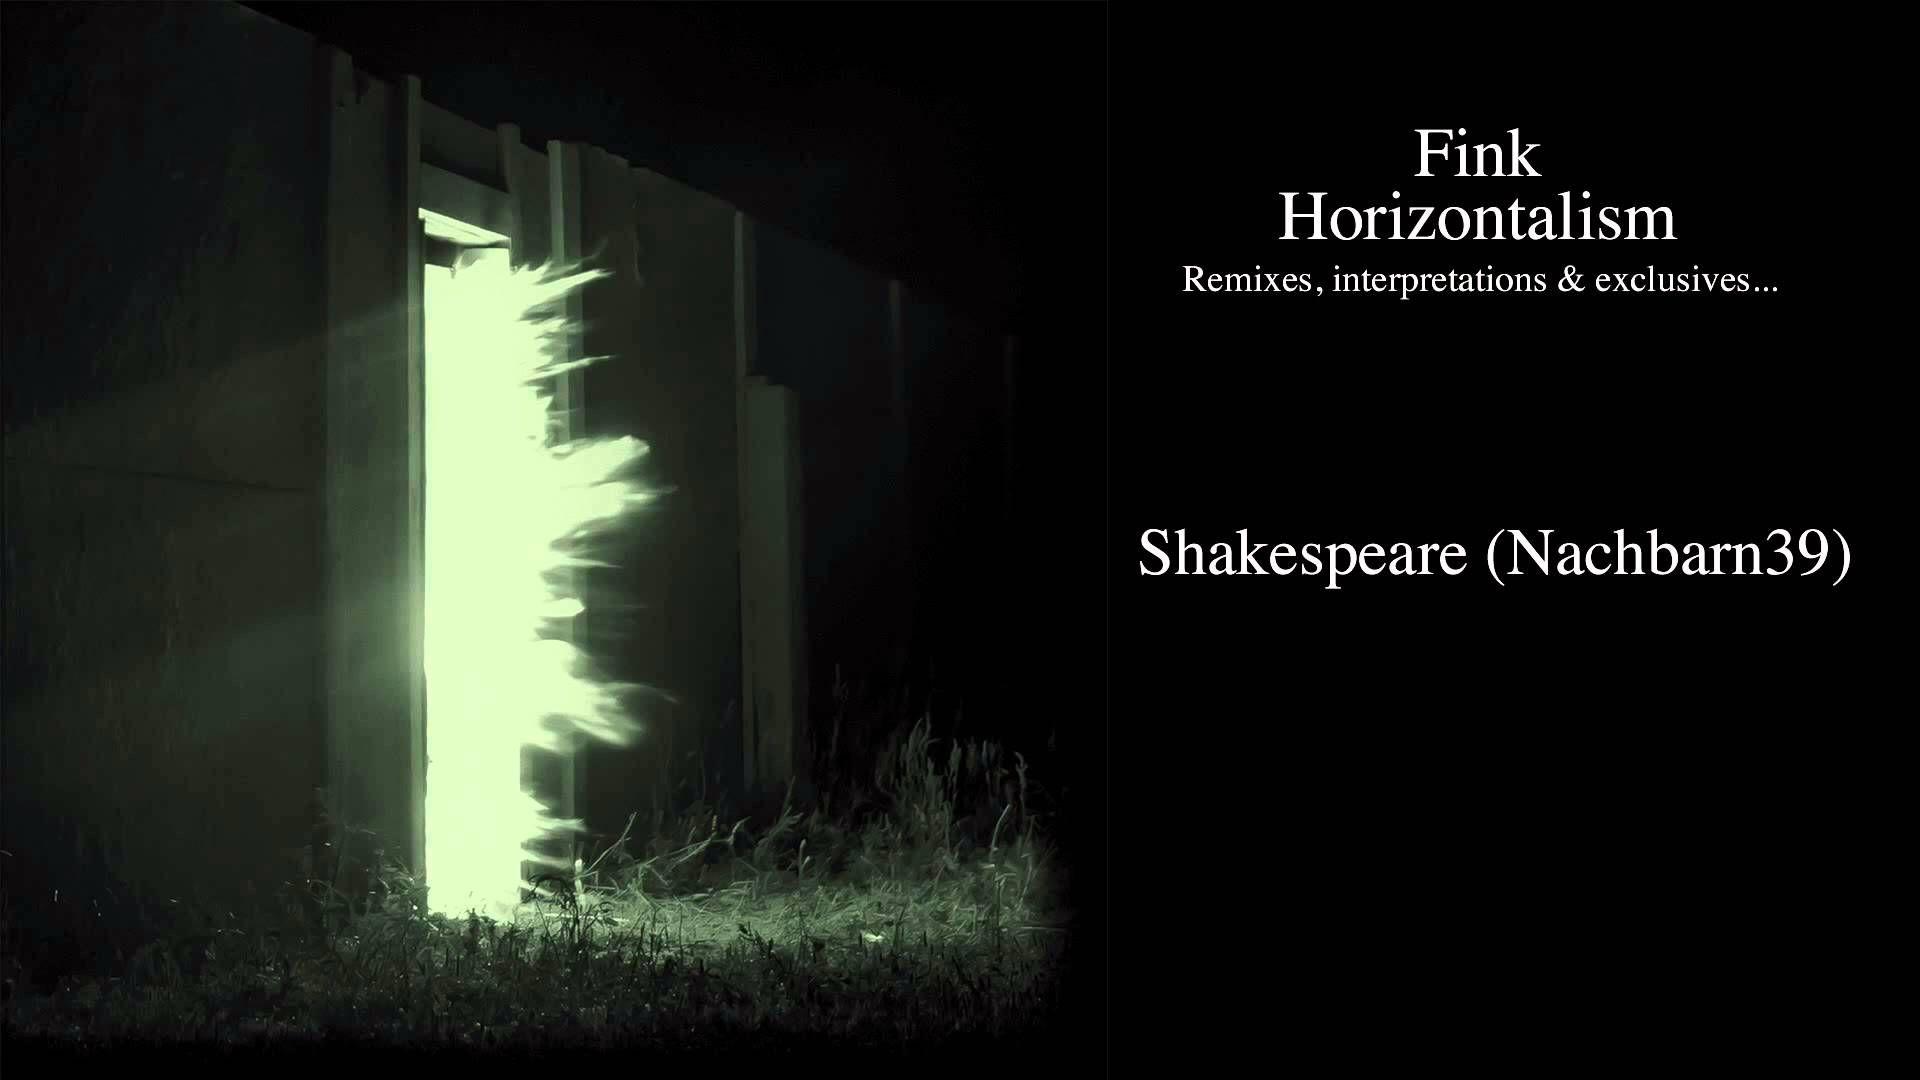 Fink -  Shakespeare (Nachbarn39)